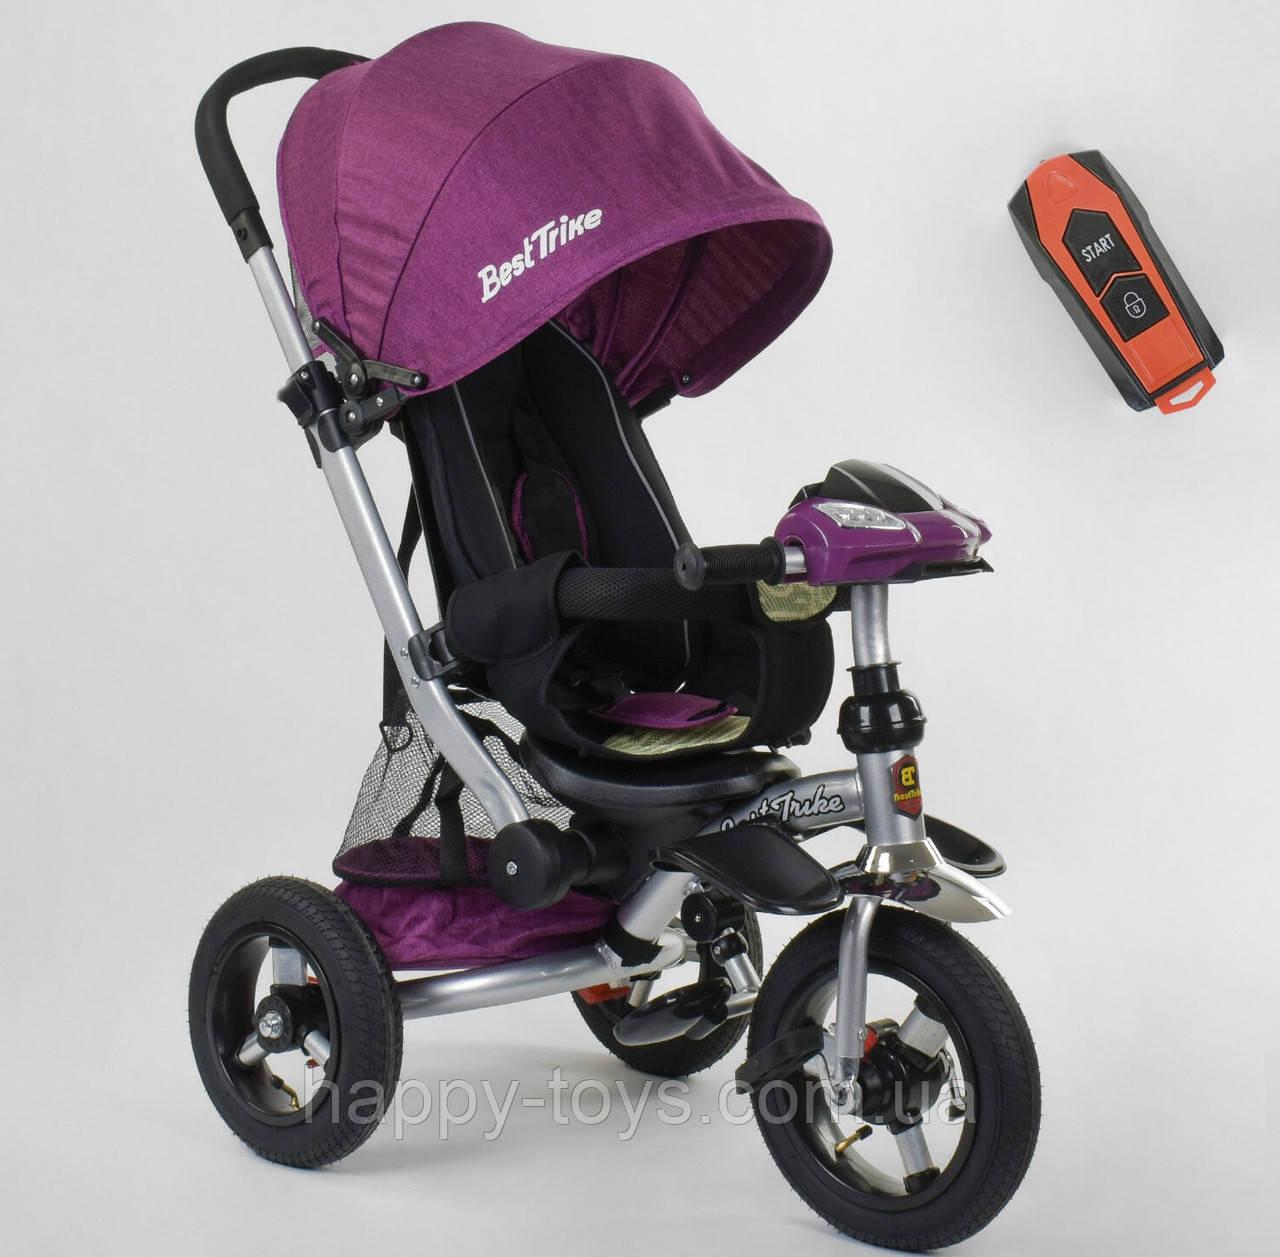 Велосипед 3-х колёсный Best Trike, ФИОЛЕТОВЫЙ, фара с USB, ручка телескопическая, пульт 698 / 35-266